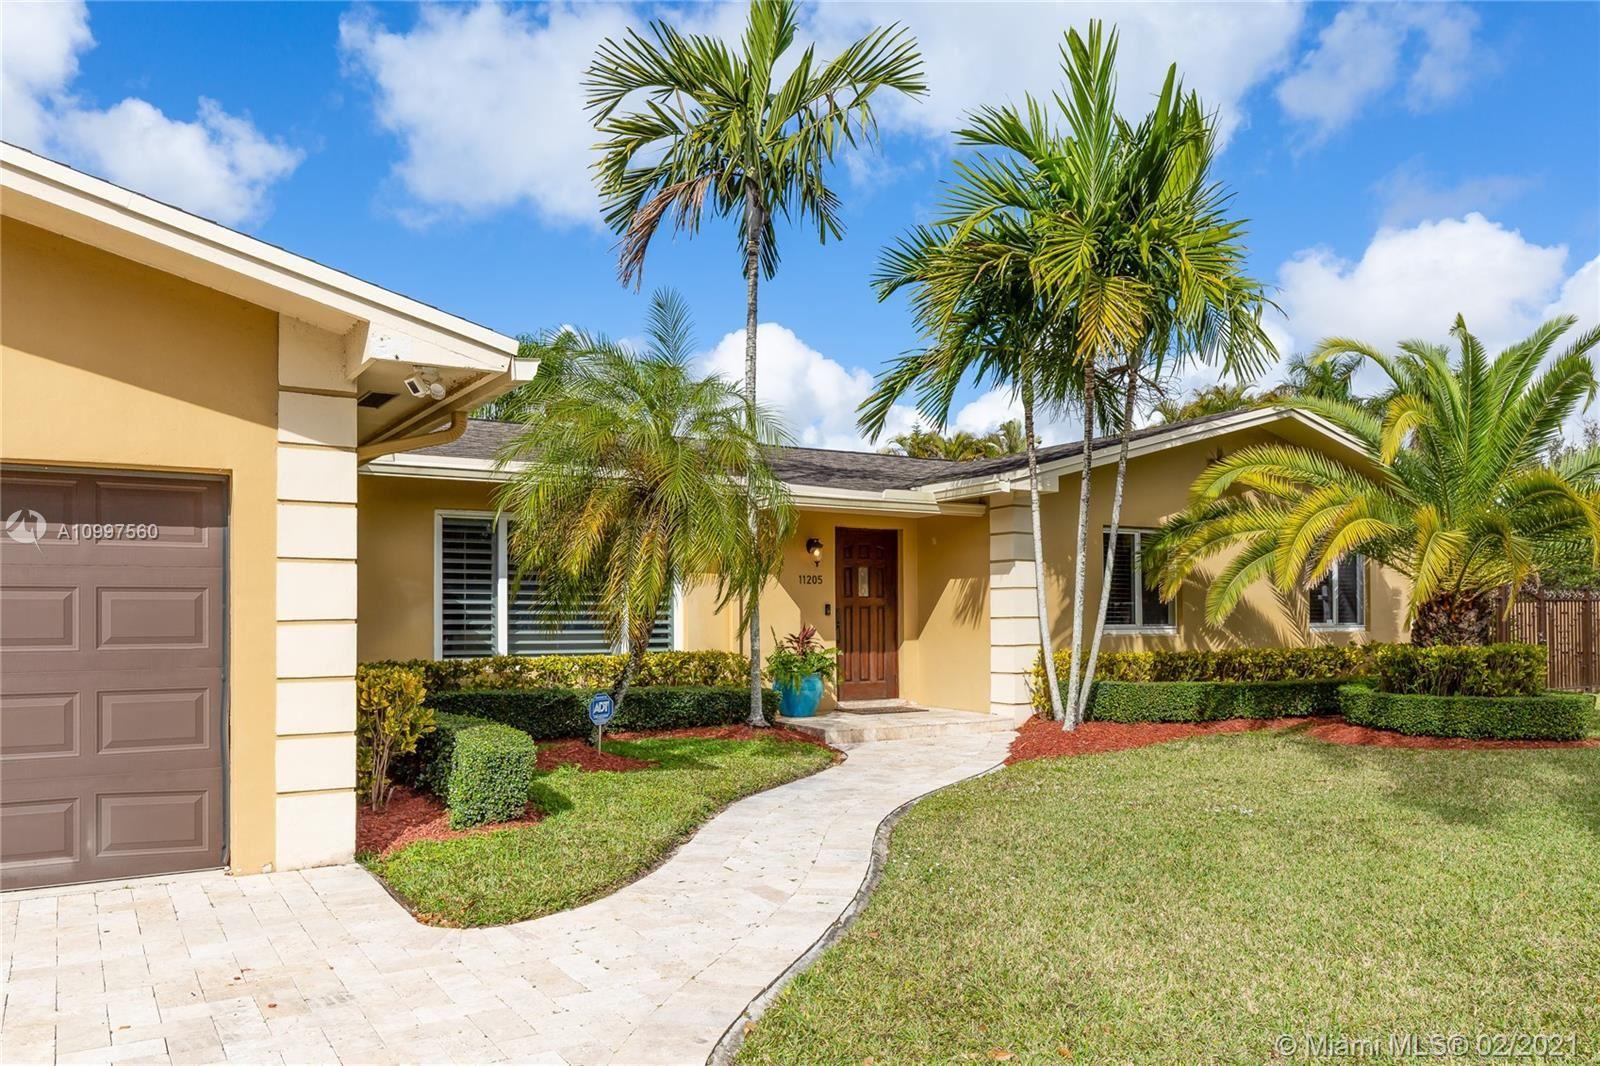 11205 SW 134th Ter, Miami, FL 33176 - #: A10997560